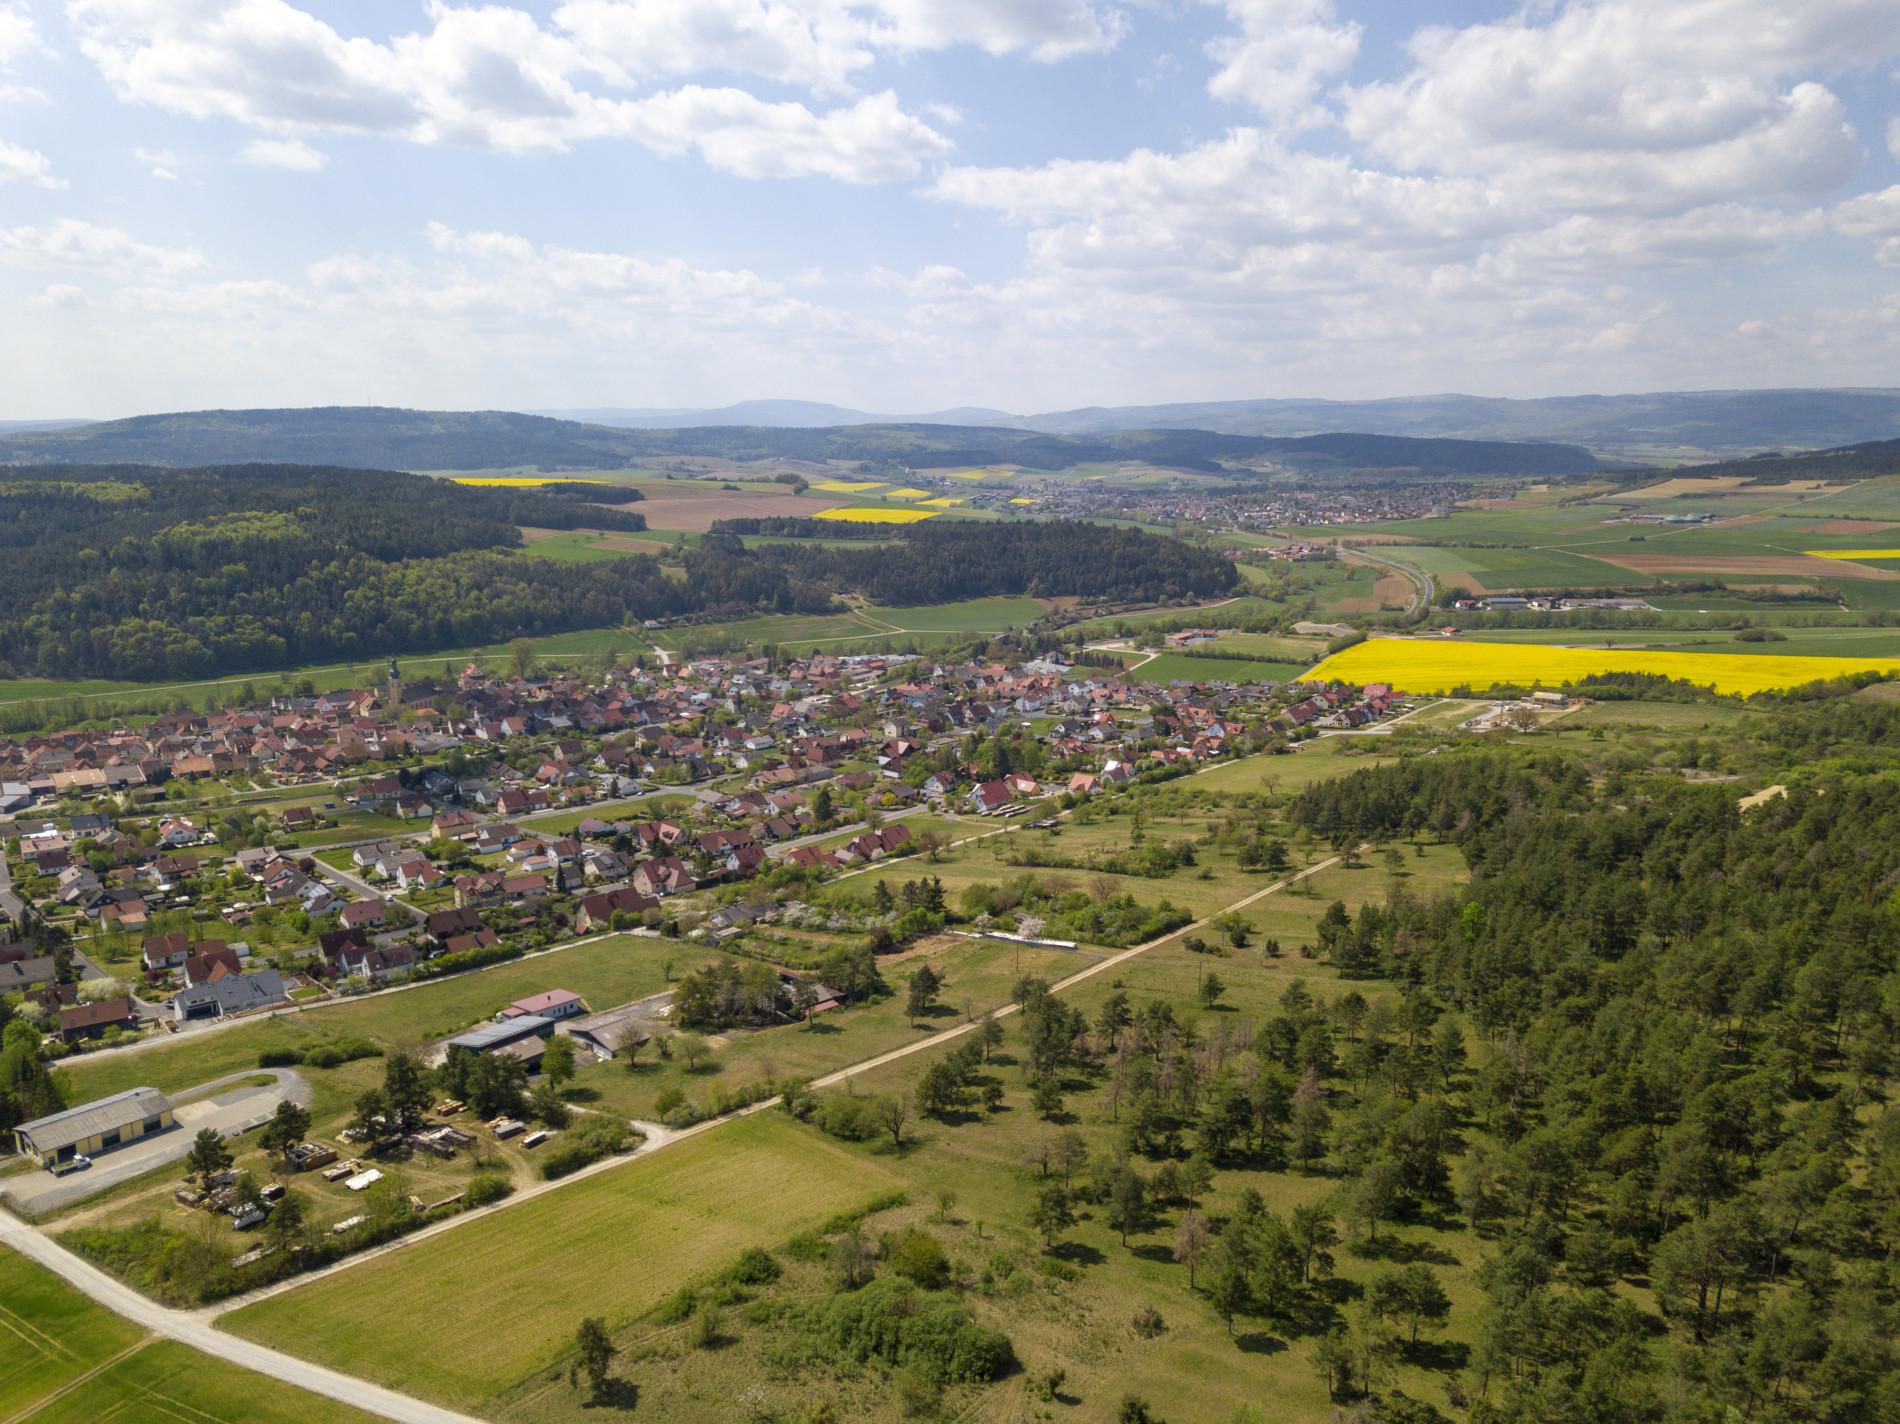 Hoch über der Streutalallianz Stockheim Rhön (Foto: Leska Wunderwelt)